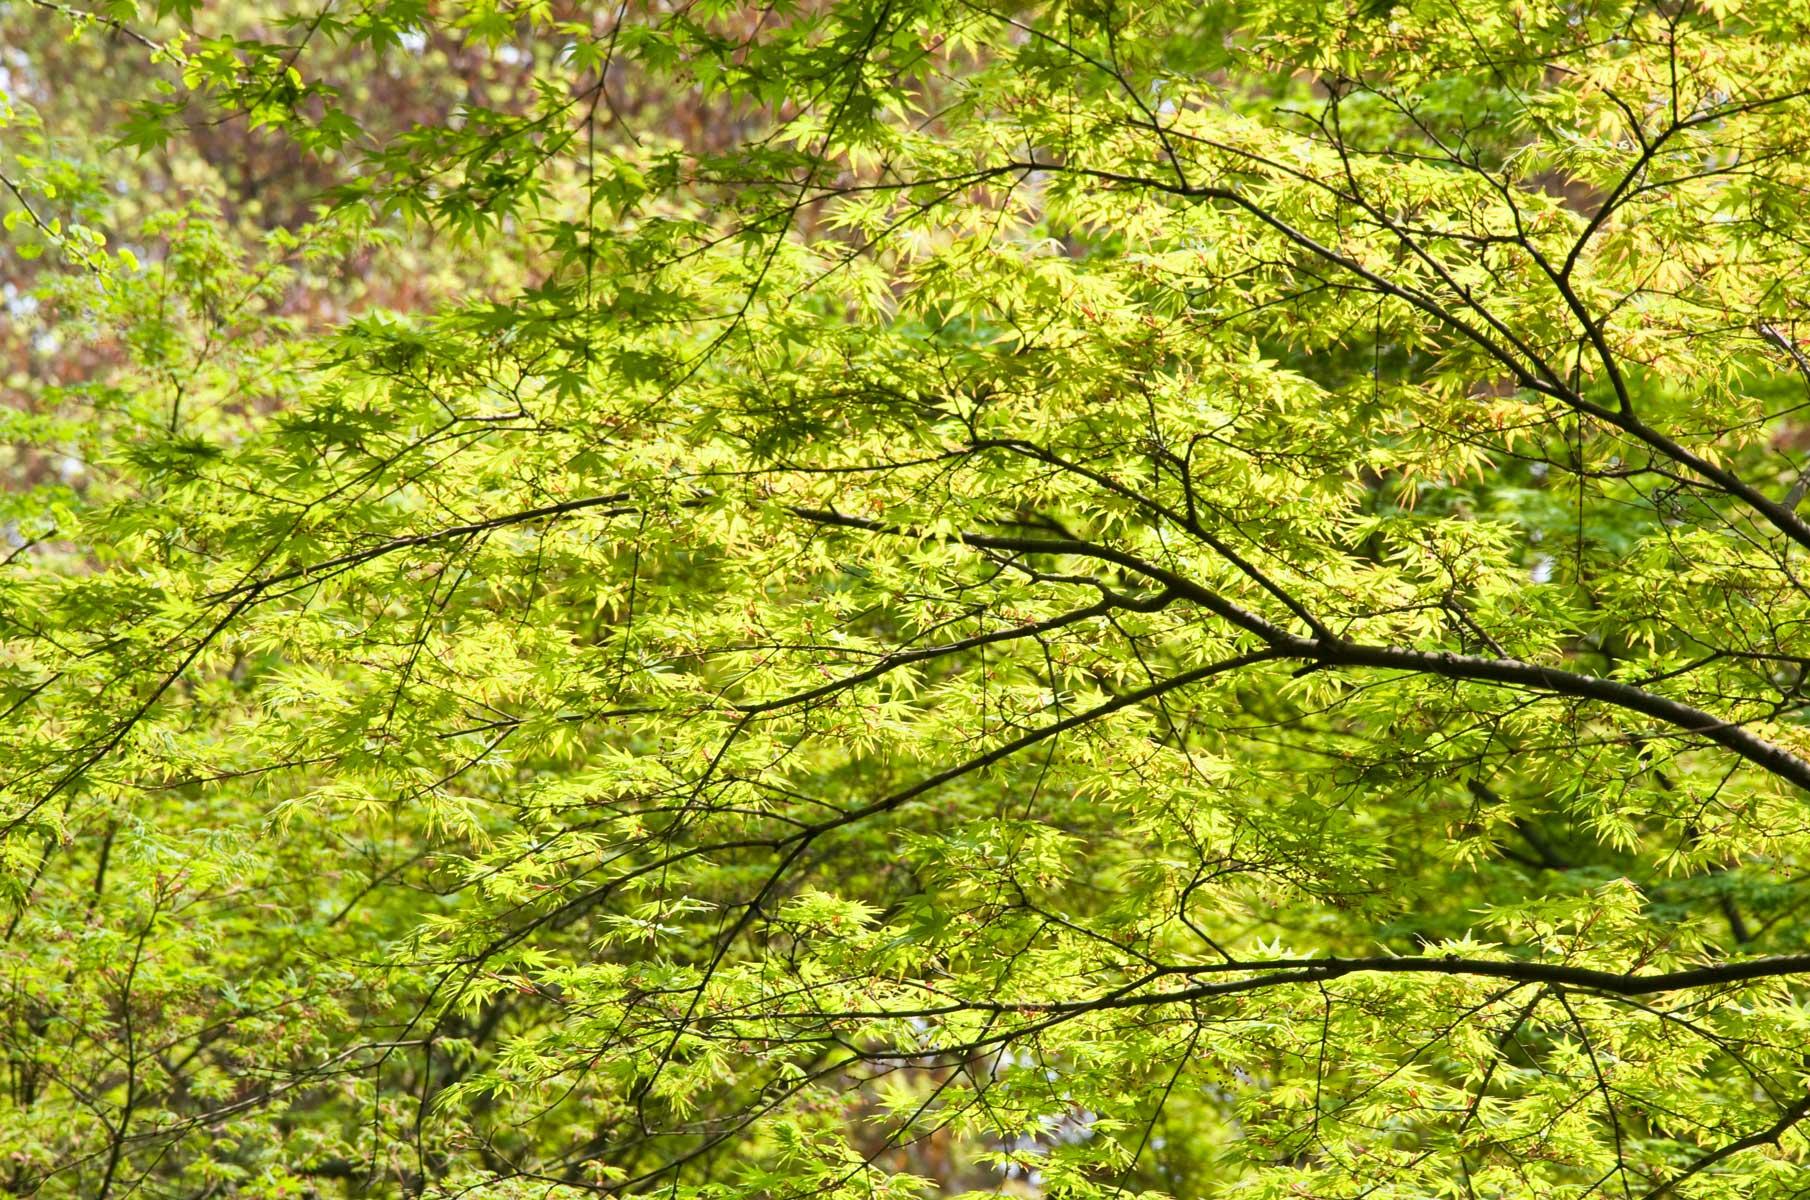 Grüne Blätter im Liu Garten in Suzhou, China